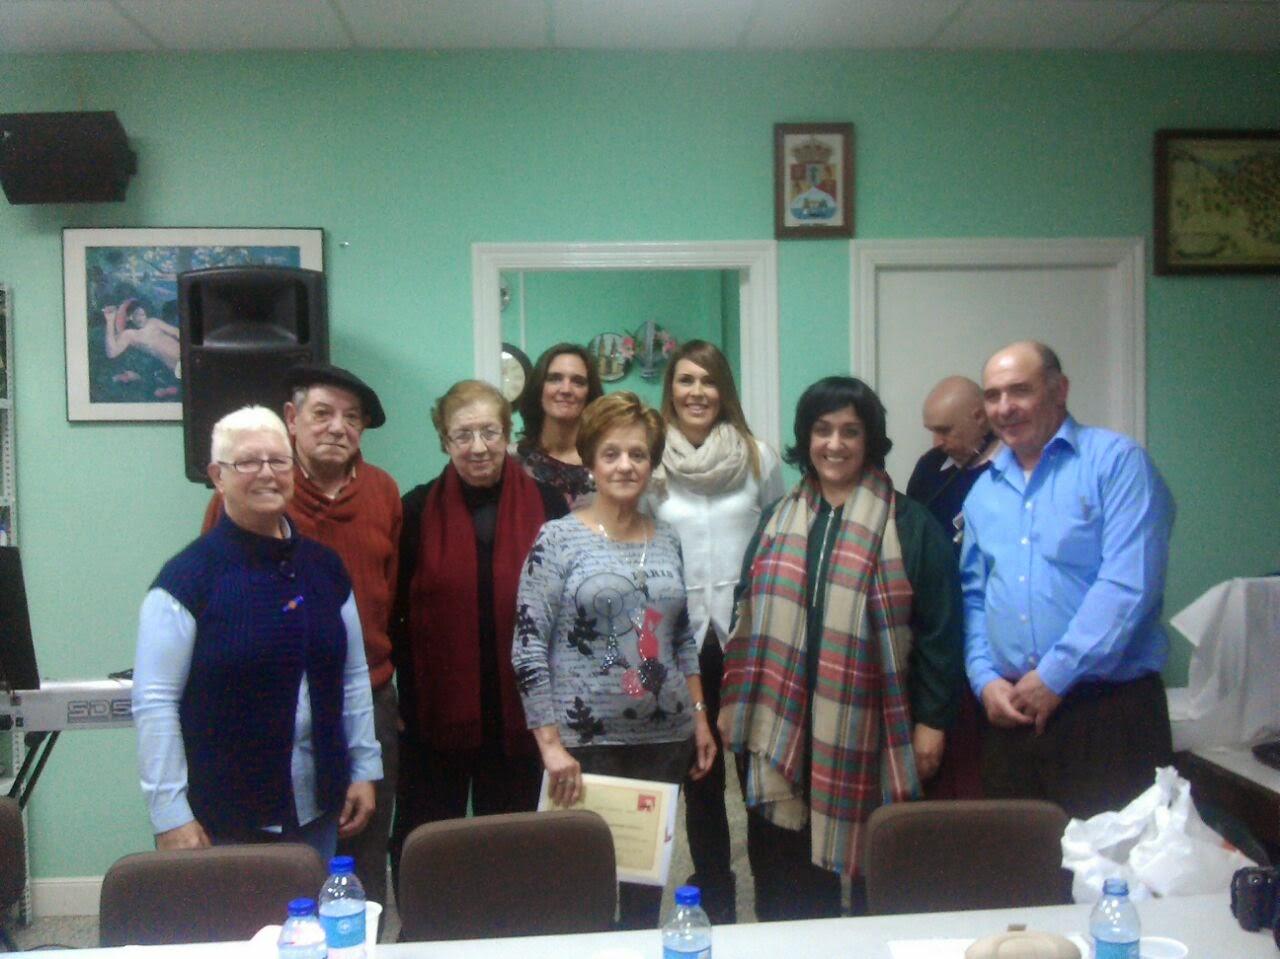 Los mayores de Sanfuentes relatan sus vivencias para ayudar a superar los problemas de la crisis